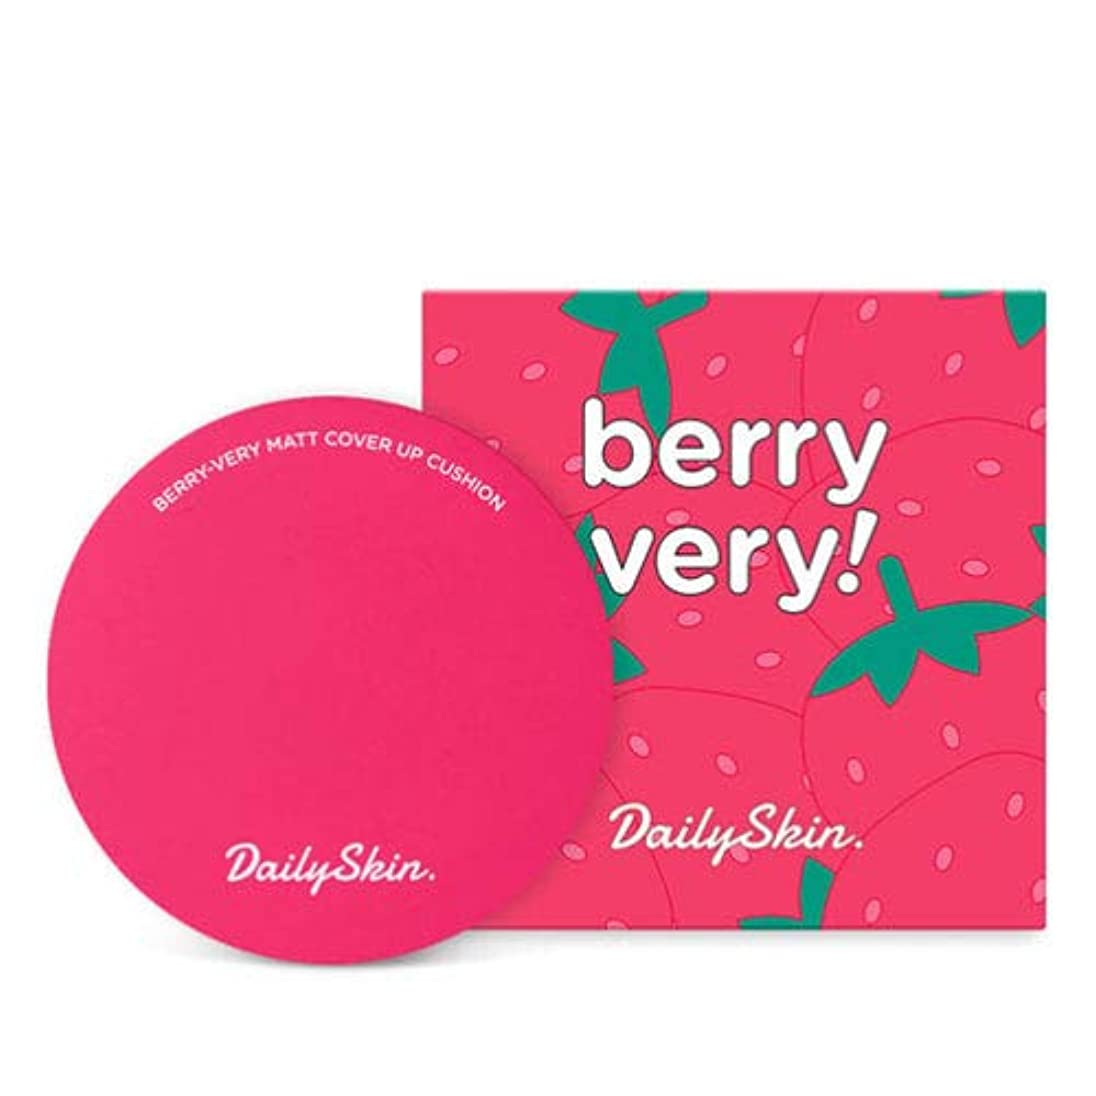 削除する日付付きフィッティングDaily Skin Berry Very Matt Cover Up Cushion (No.23 Berry Natural) ]デイリースキン いちごマット カバー アップ クッション [並行輸入品]